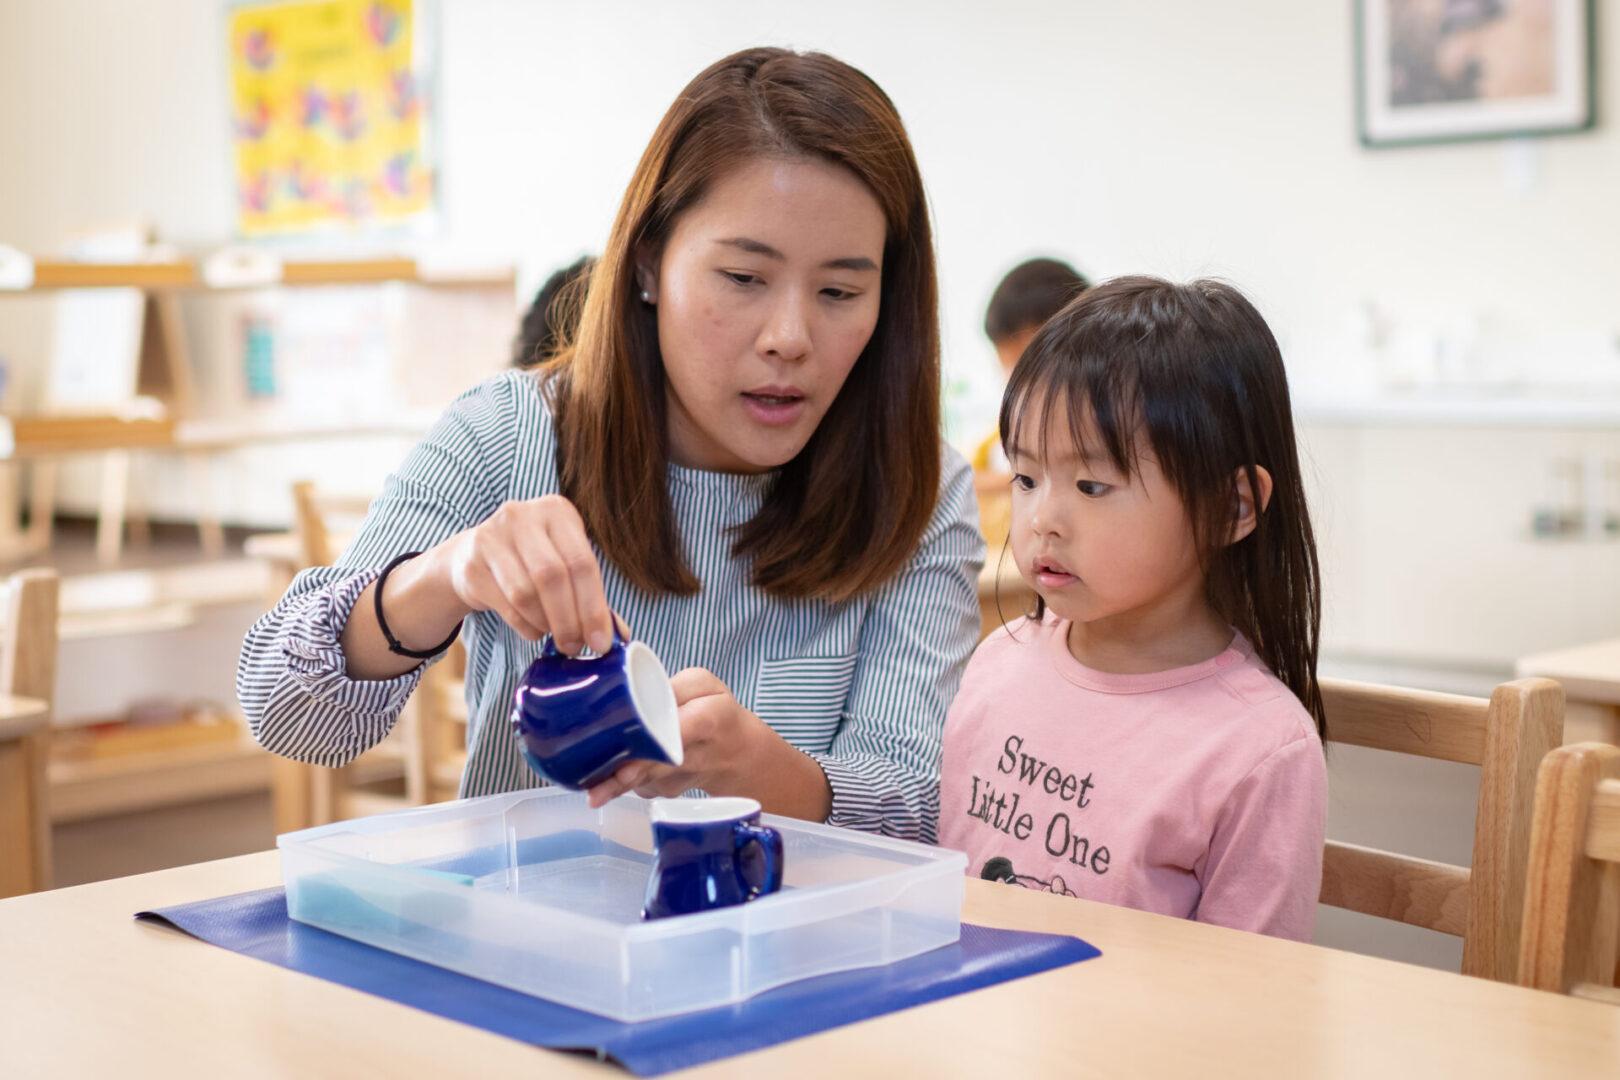 : A teacher guiding her student